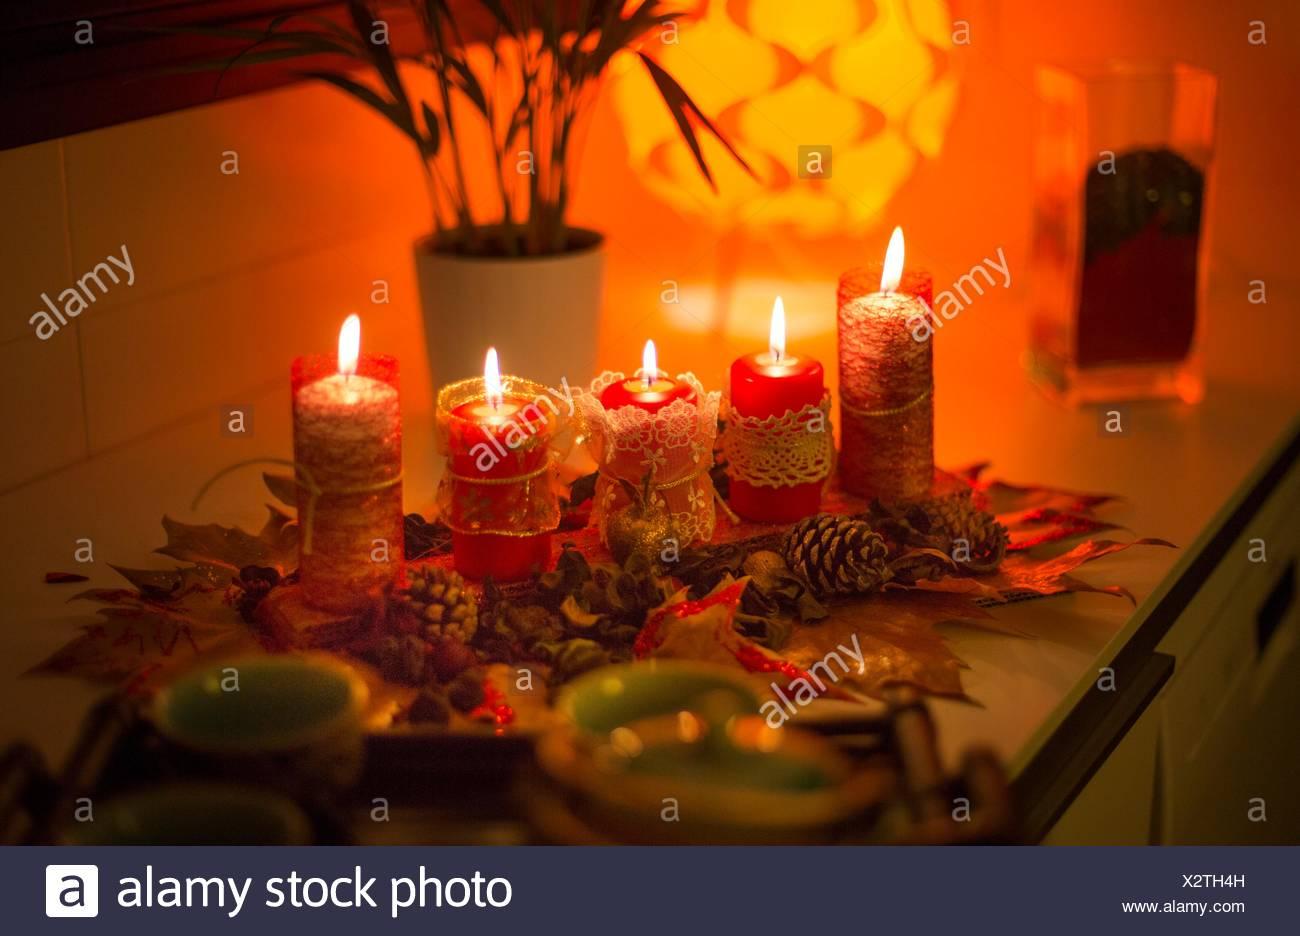 Weihnachten-Hintergründe mit Kerzen. Stockbild